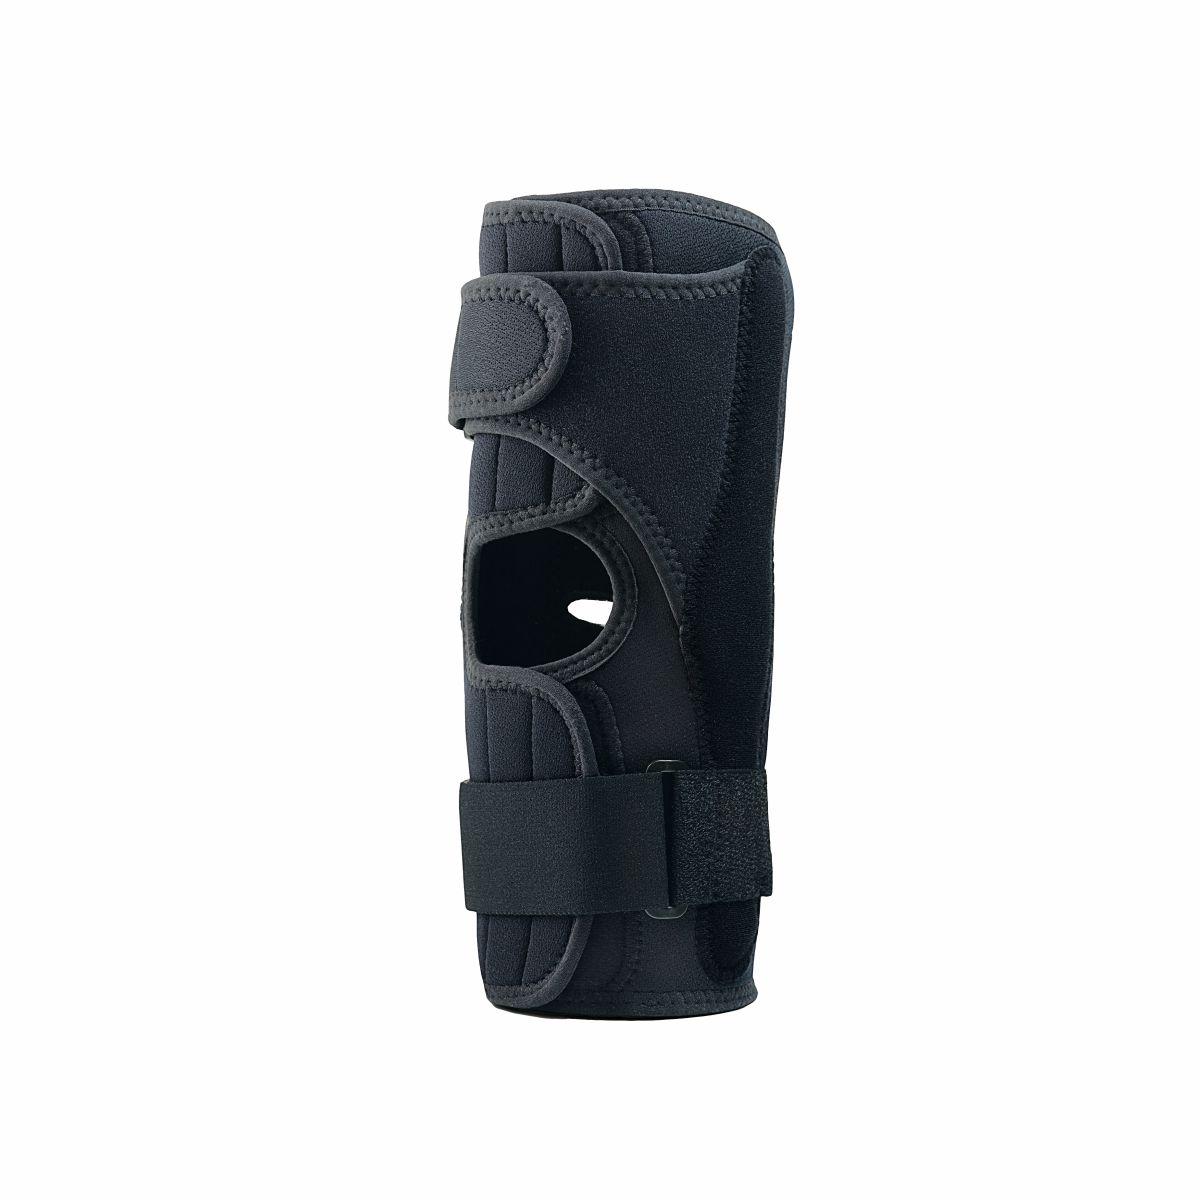 Bó gối thể thao và chấn thương chỉnh hình Bó gối X - Actimove GenuStep